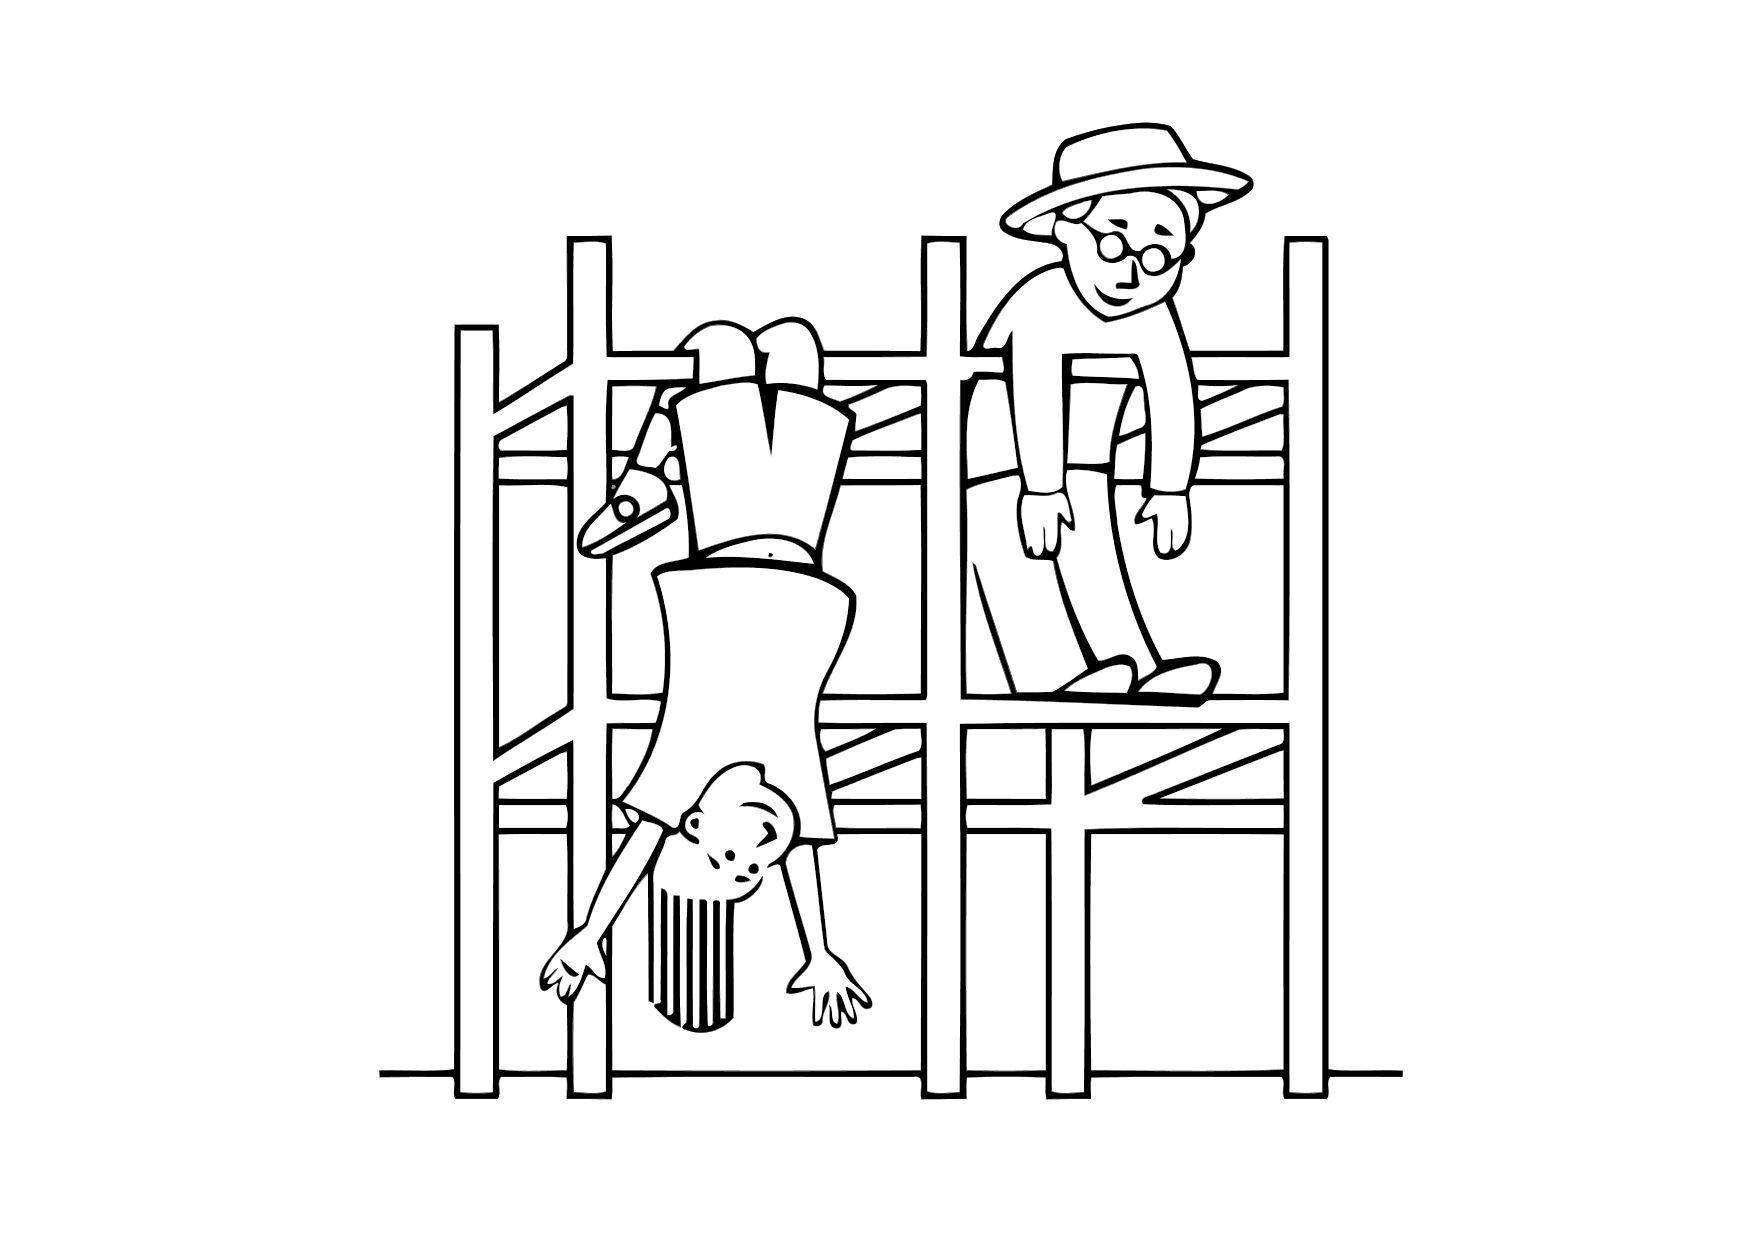 Dibujo para colorear Juego para trepar - parque infantil - Img 11337